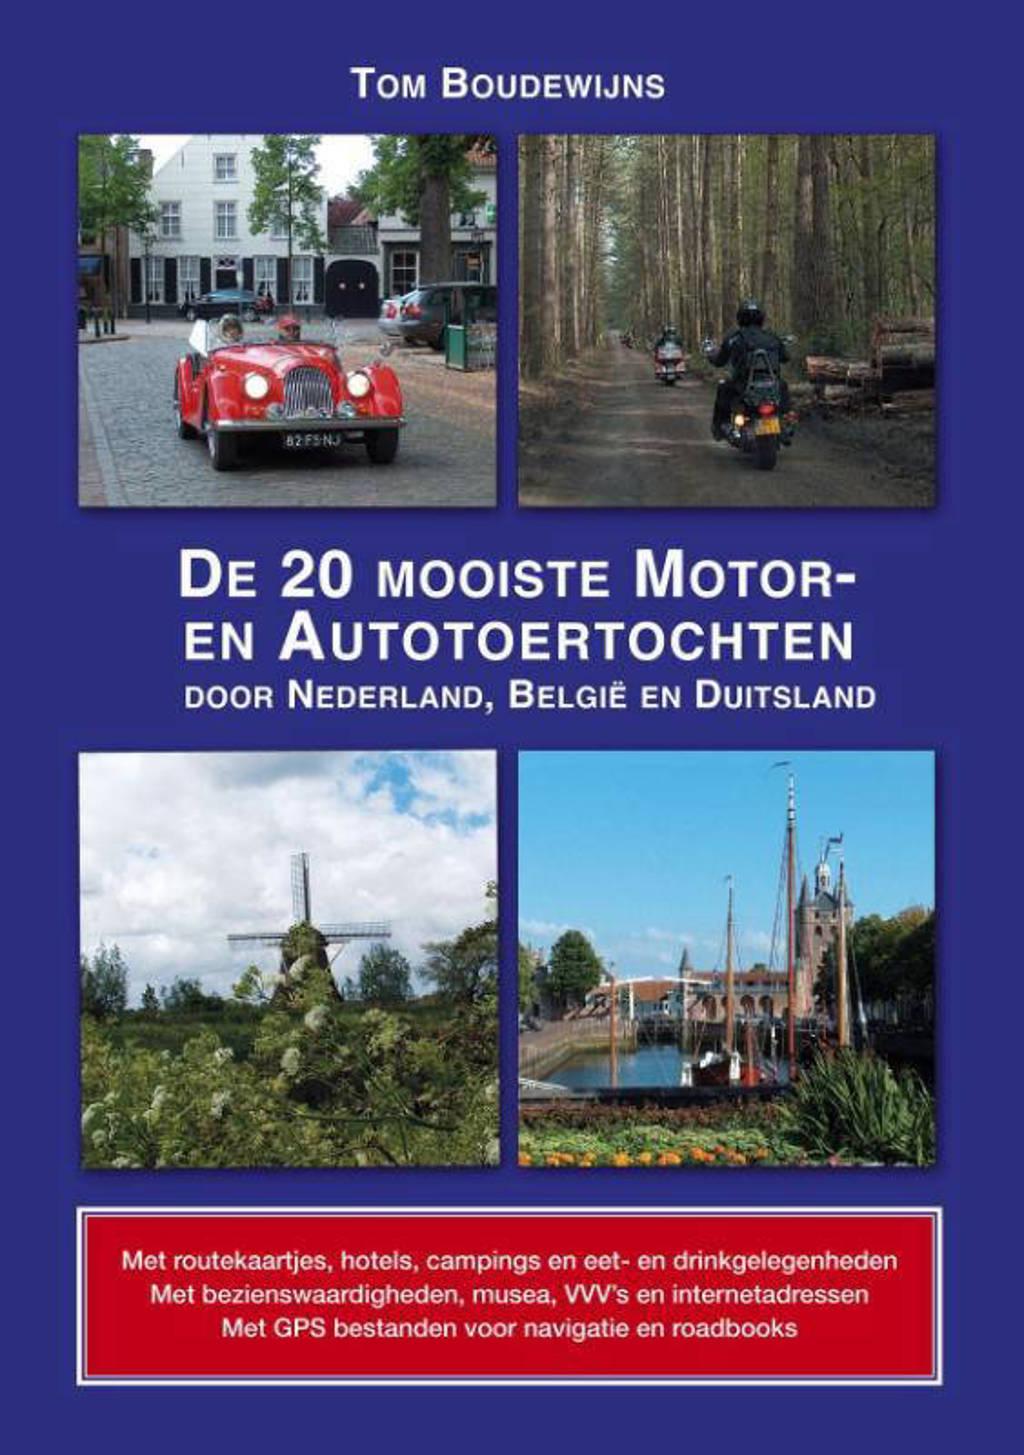 De 20 mooiste motor- en autotoertochten - Tom Boudewijns